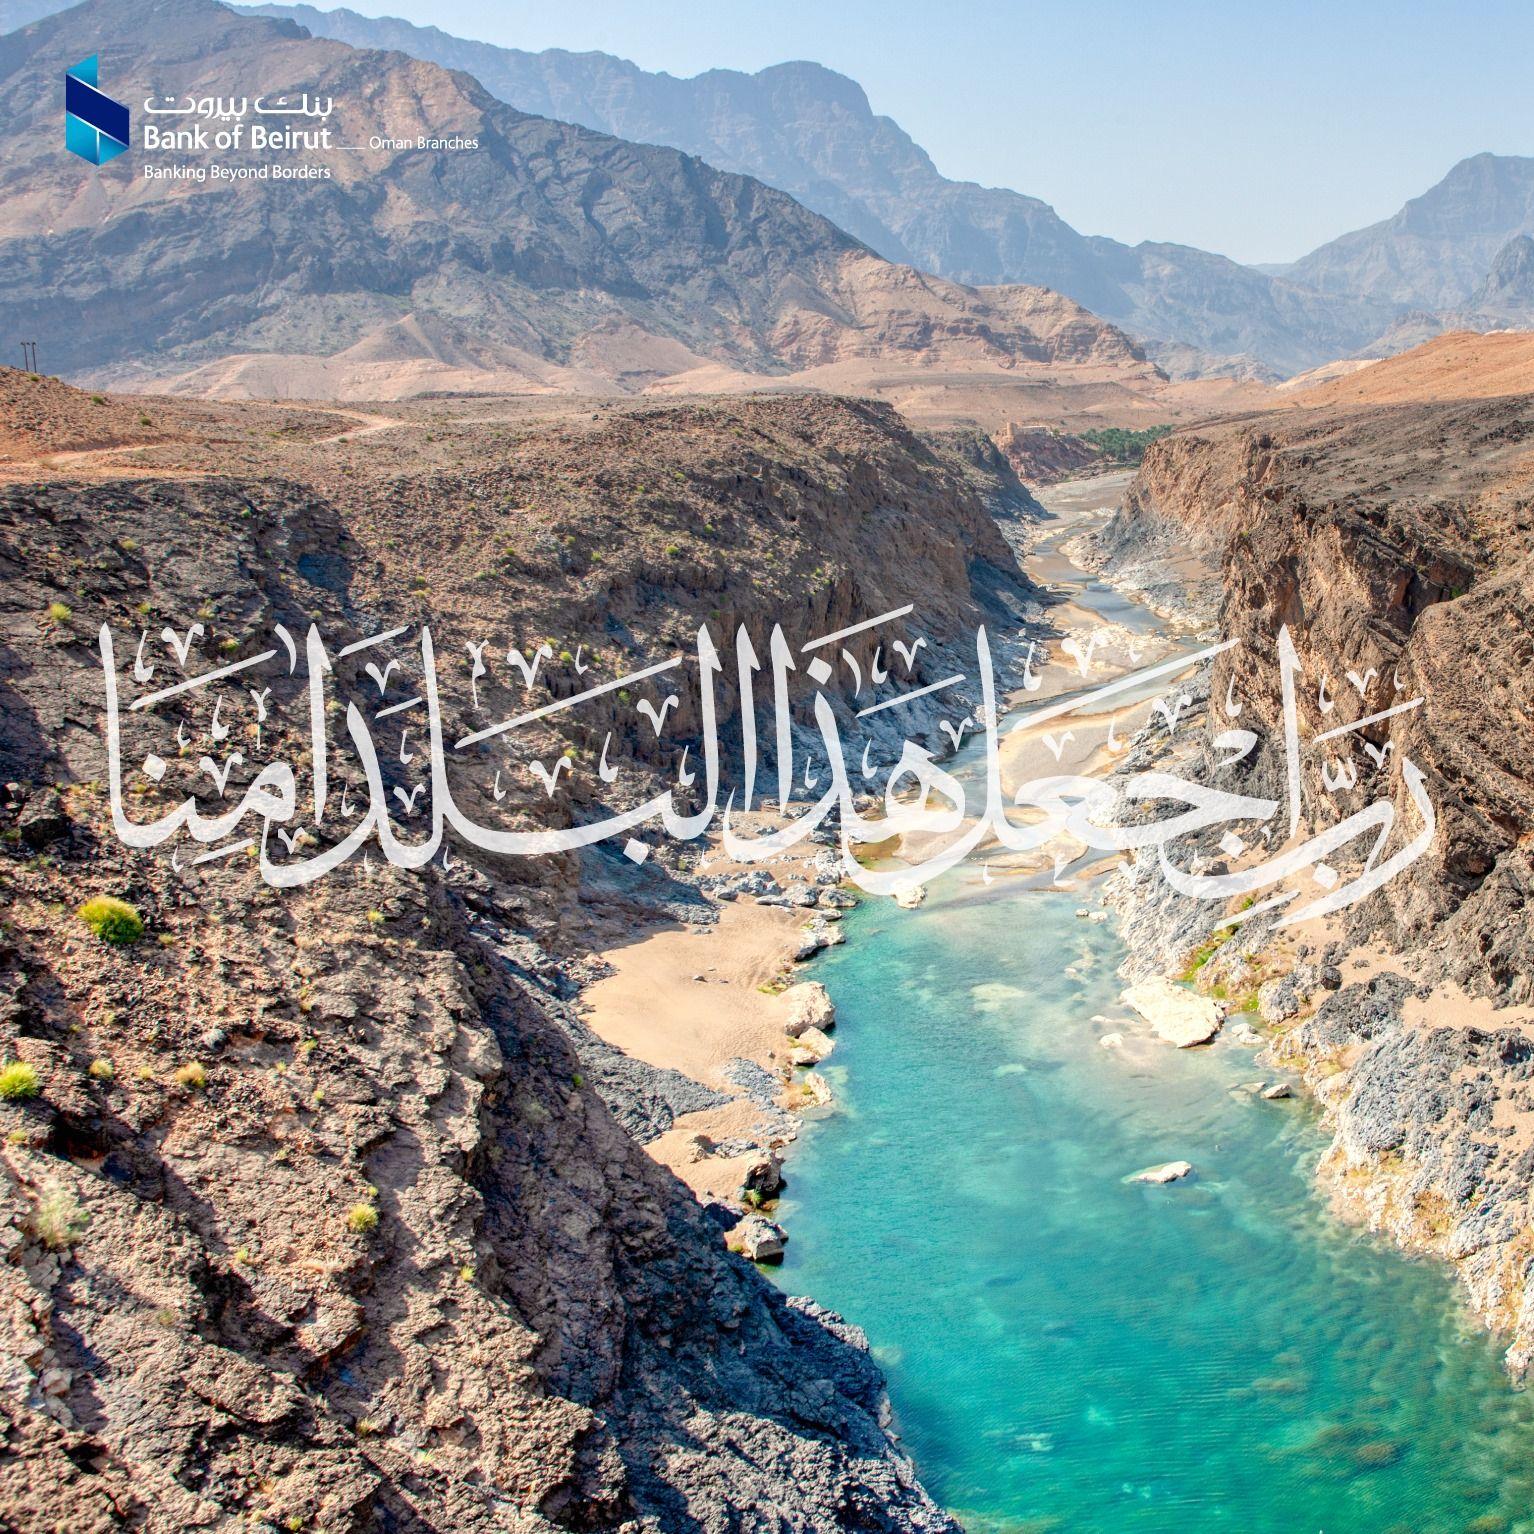 اللهم احفظ عمان وشعبها Beirut Sultanate Of Oman Top Banks